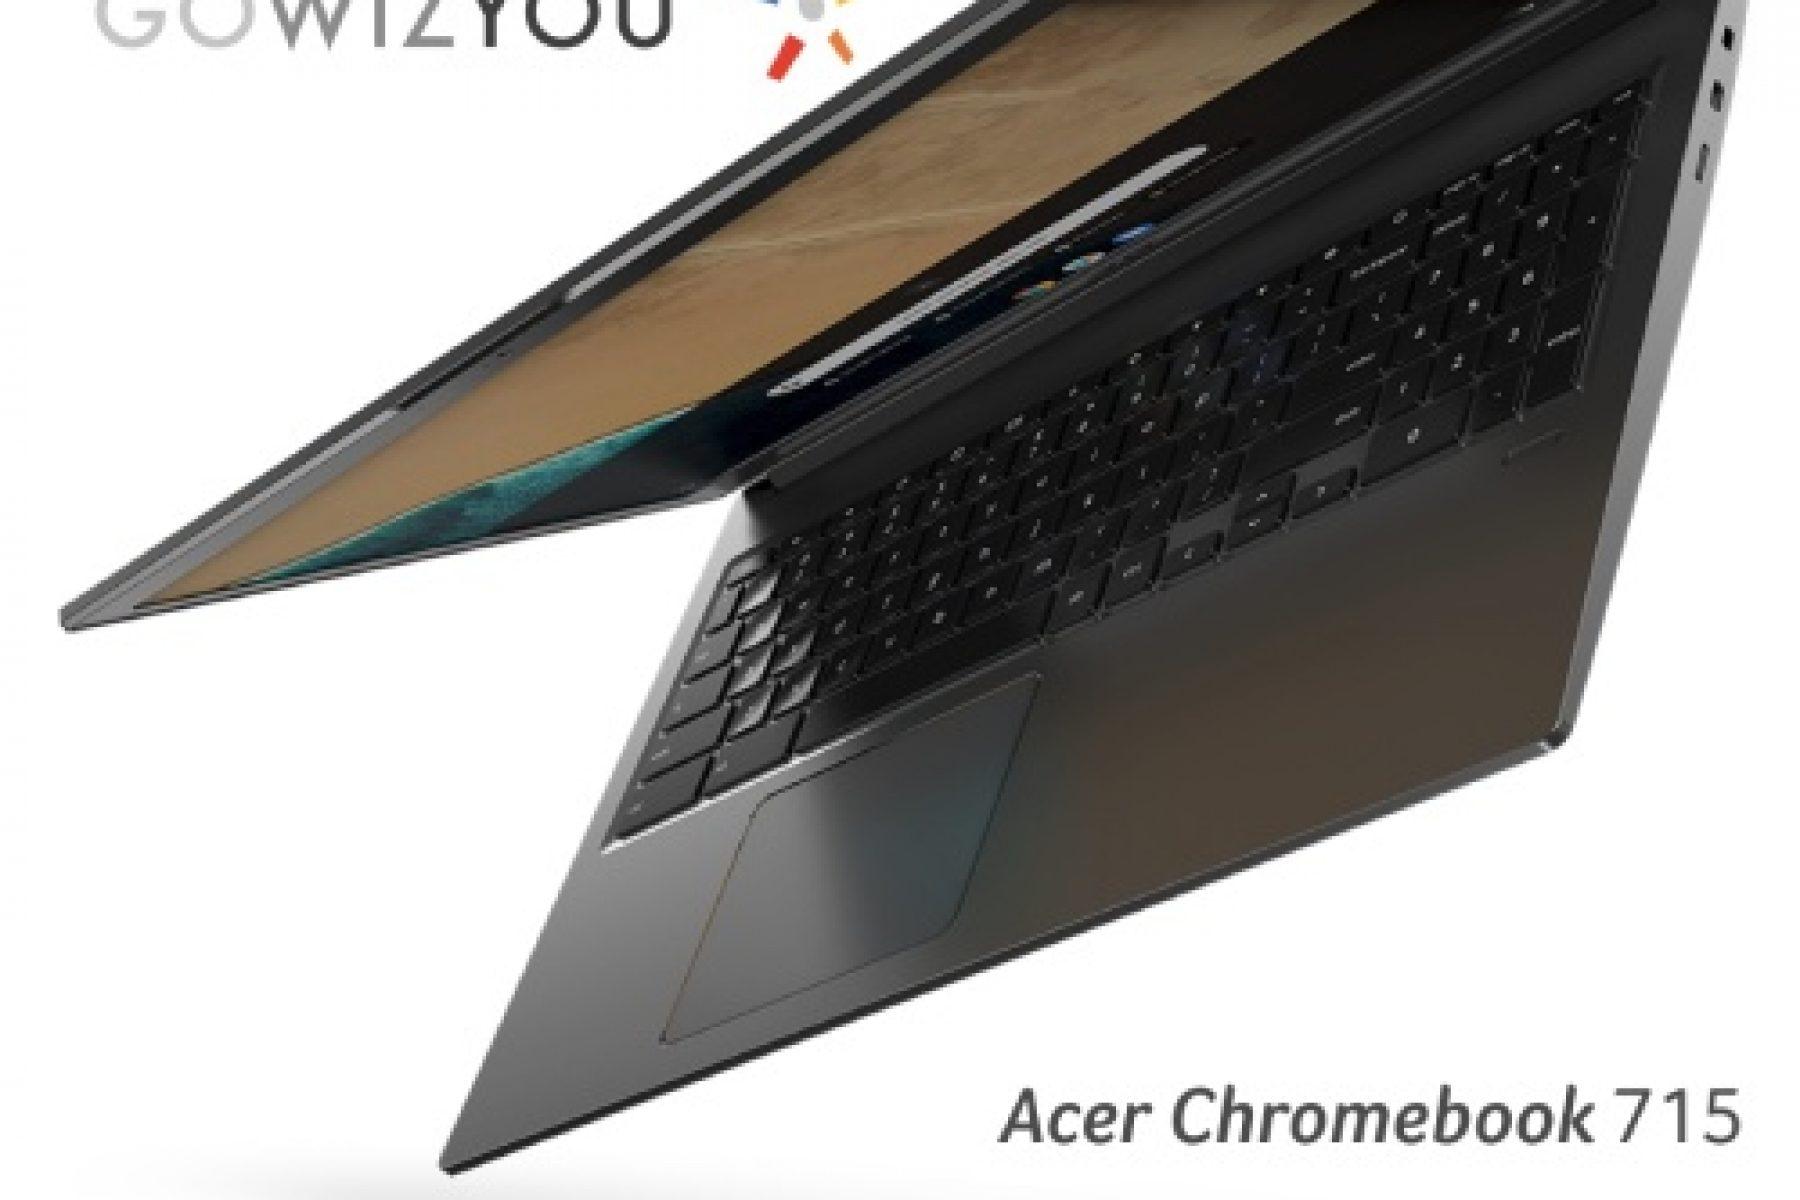 Acer Chromebook 714 for Work